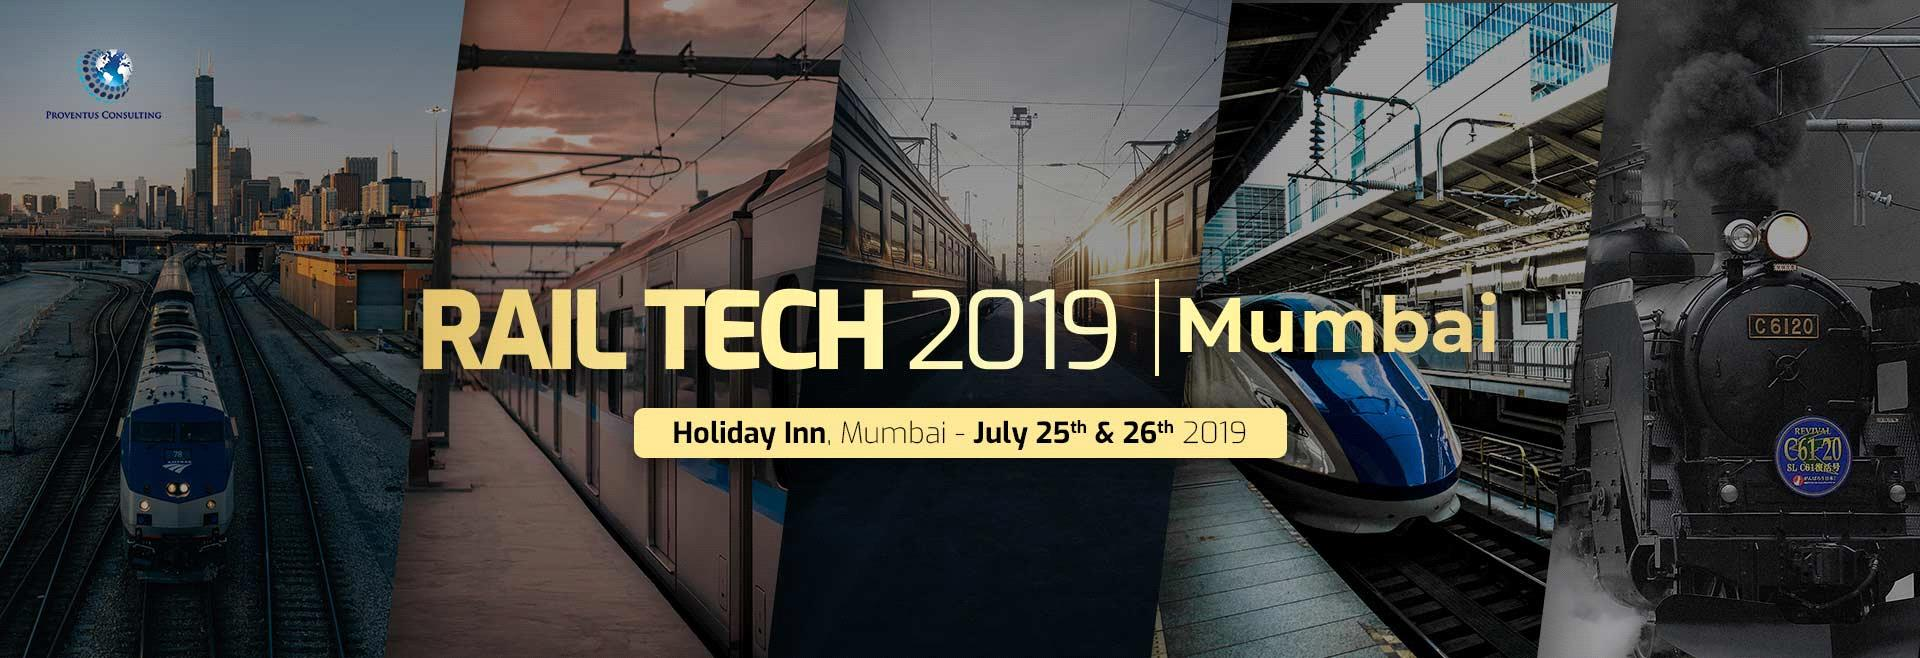 Rail Tech 2019